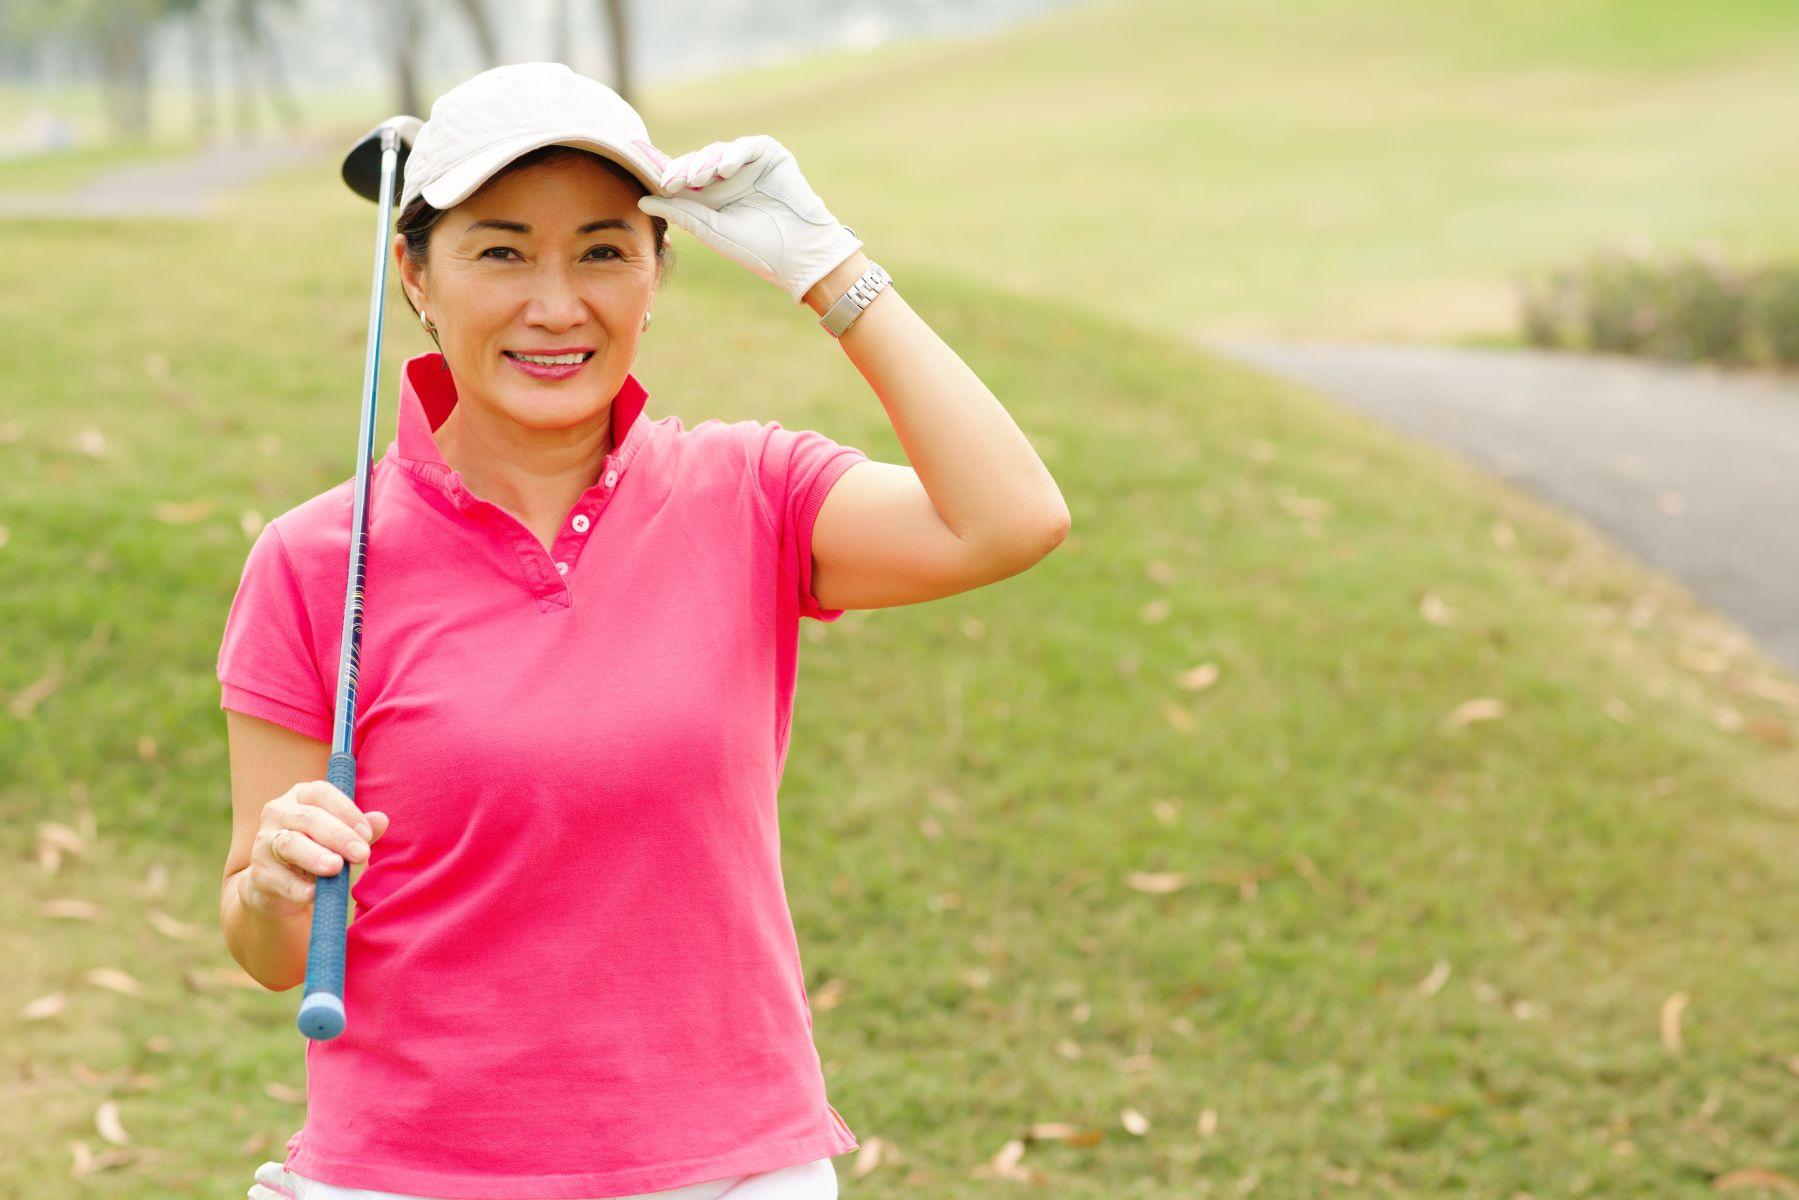 85歲不依賴子女,竟獨自生活、打高爾夫,帥哥超愛跟她約會!「人會衰弱,但快樂與優雅是自己的堅持」